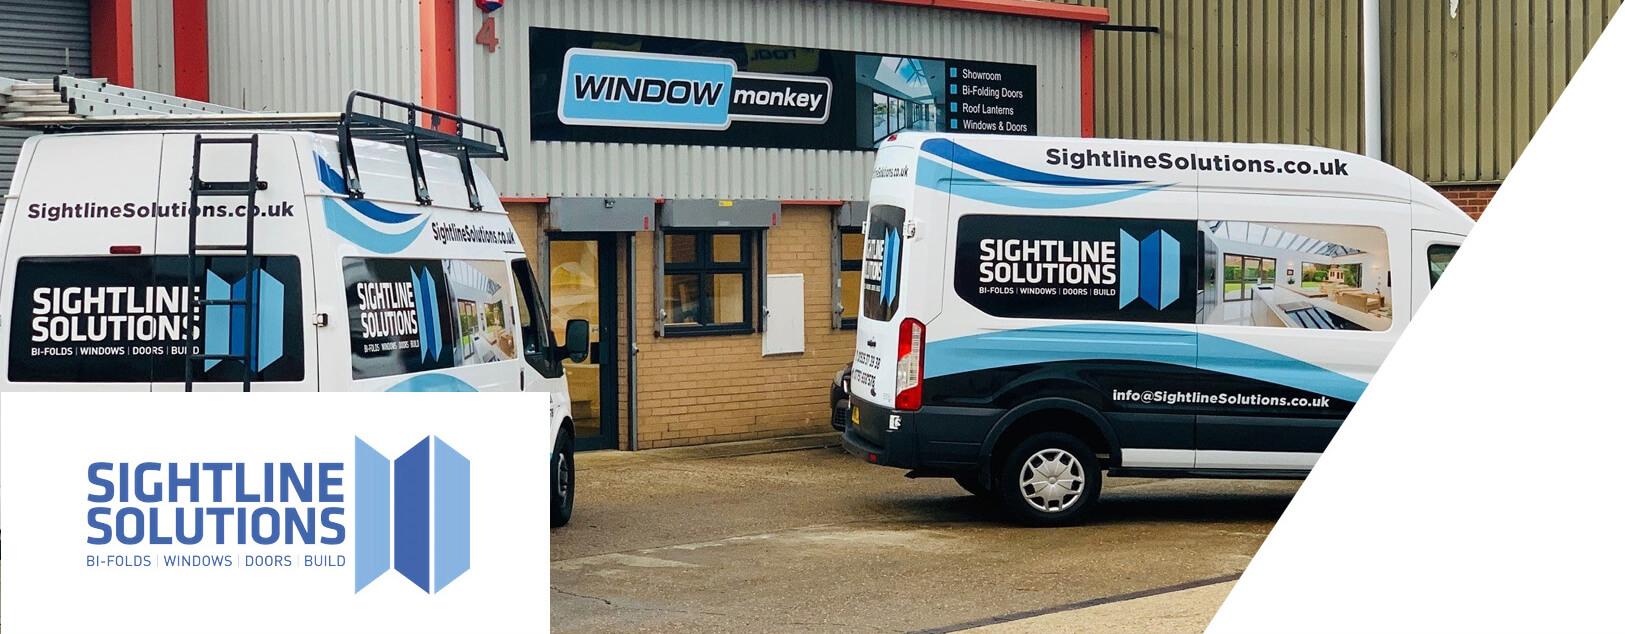 Sightline Solutions Vans Outside Window Monkey